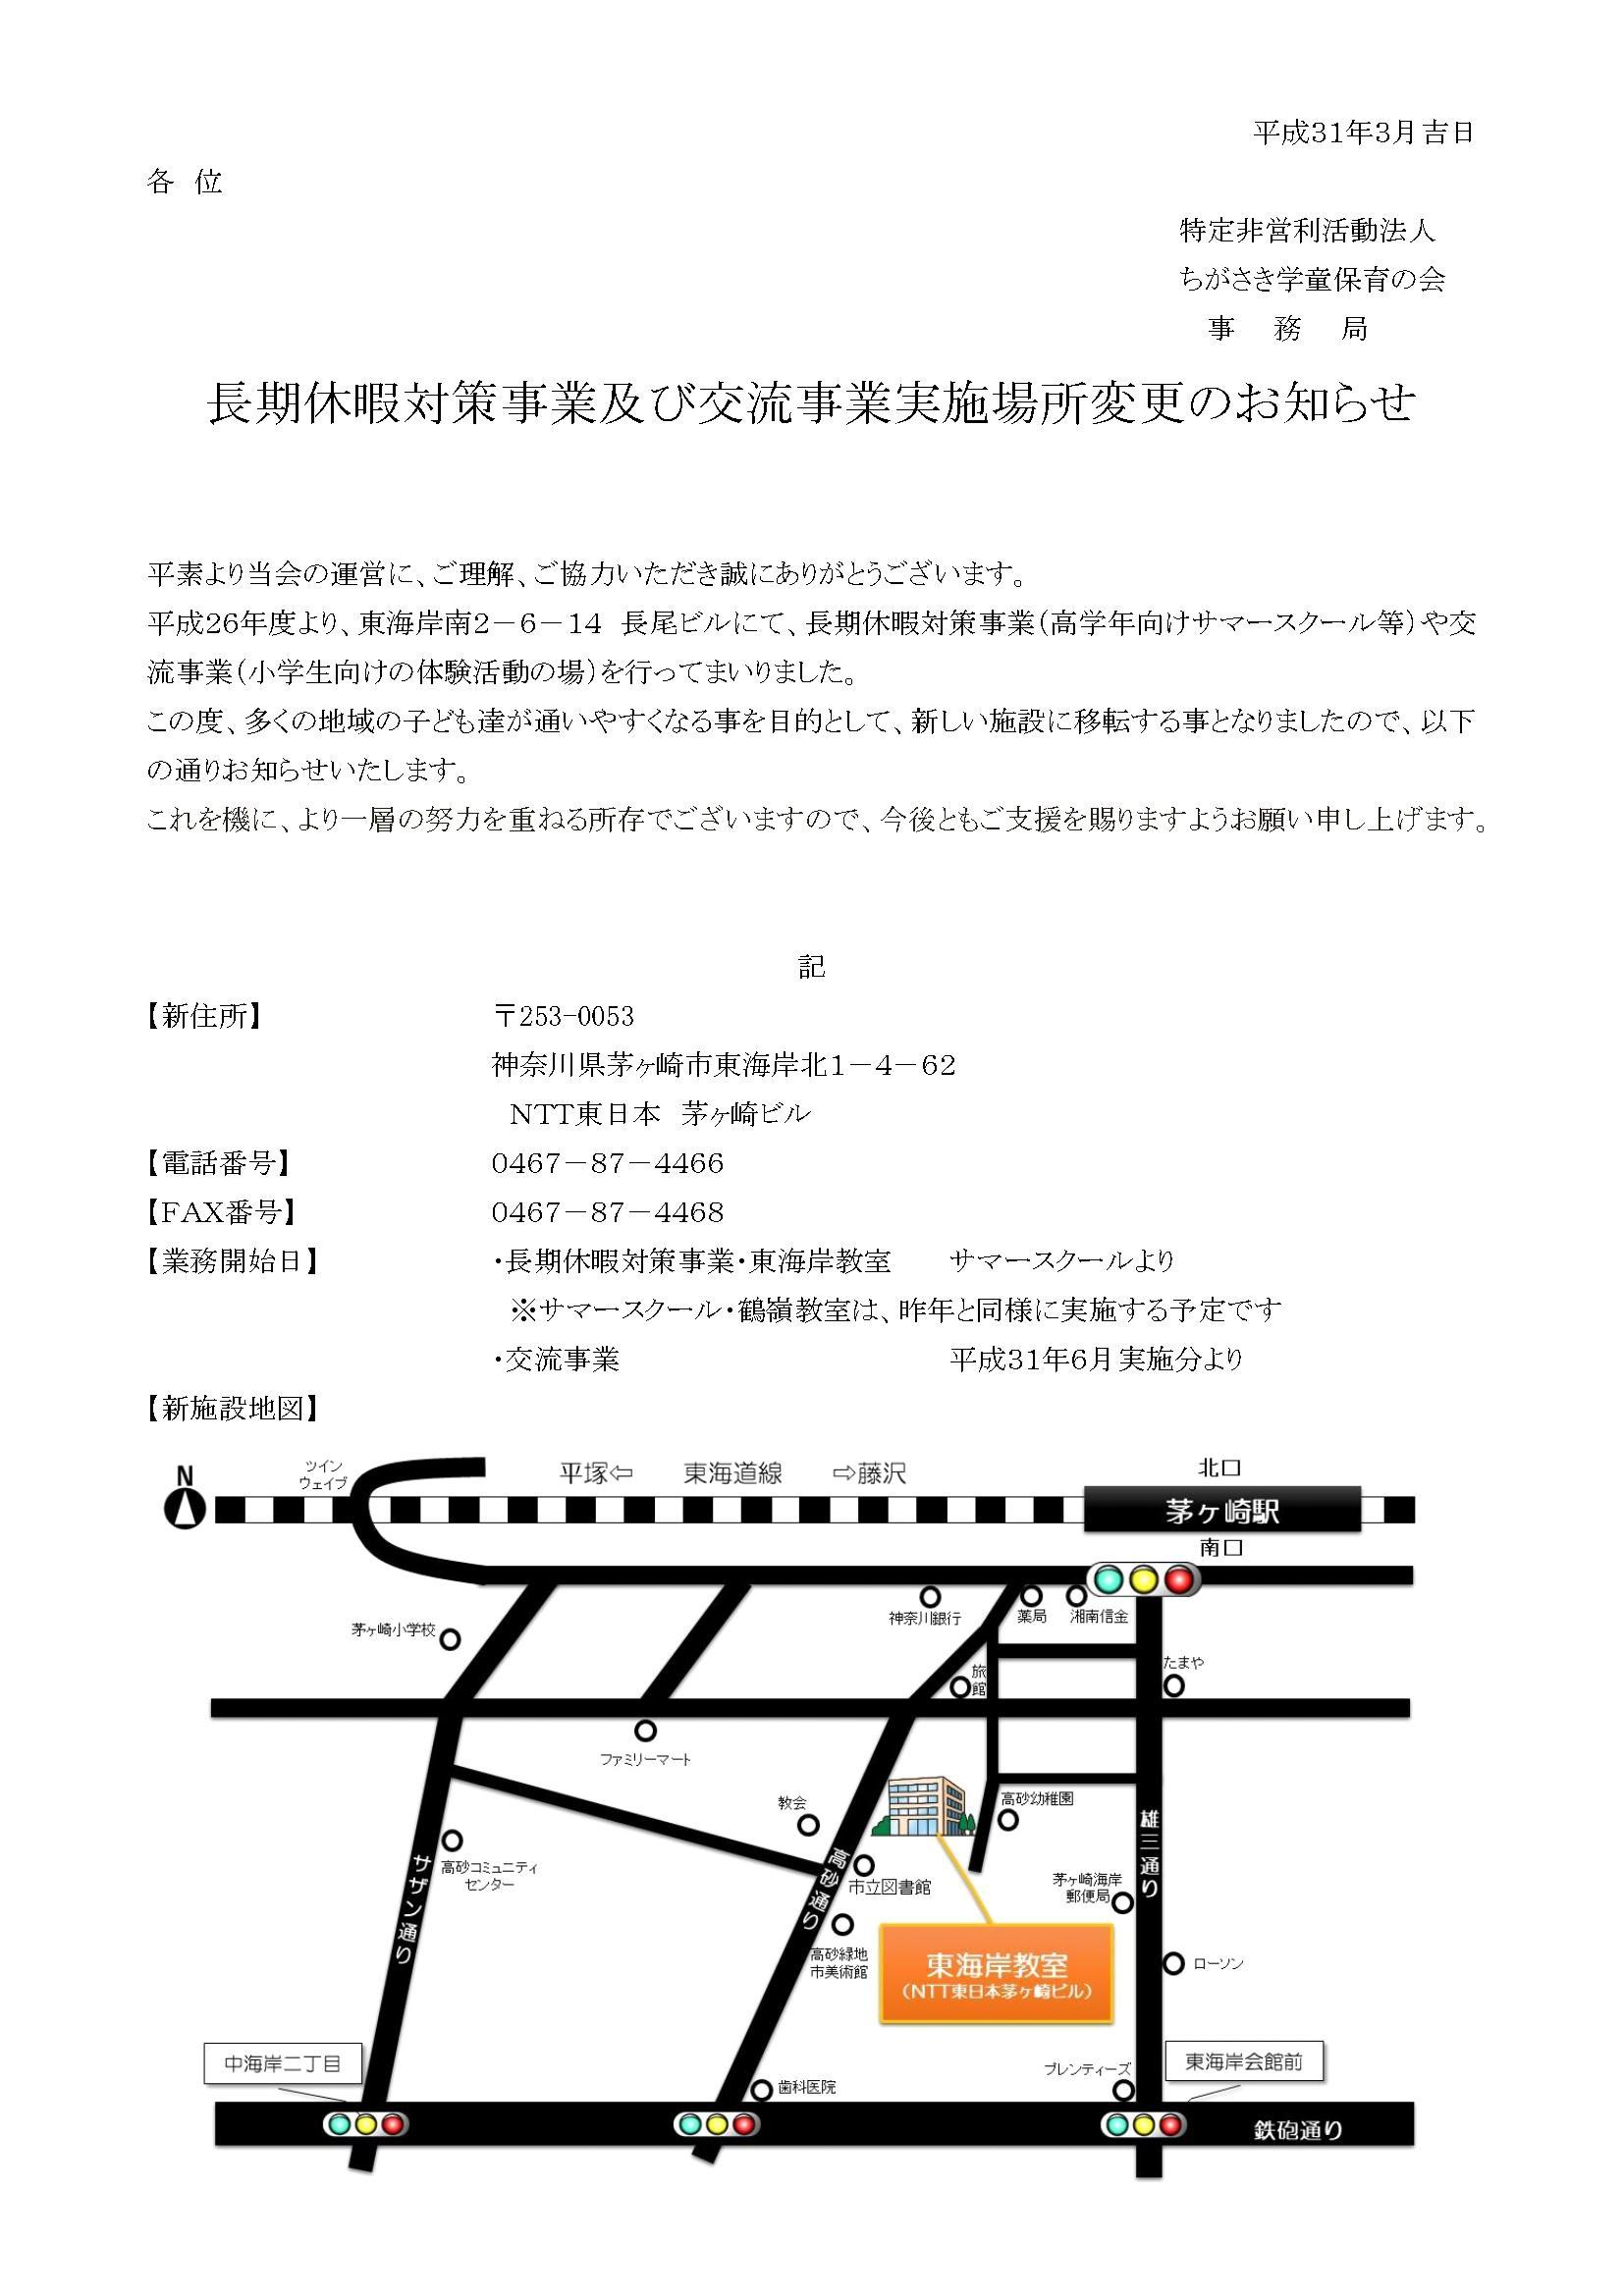 長期休暇対策及び交流事業 実施場所移転のお知らせ.jpg